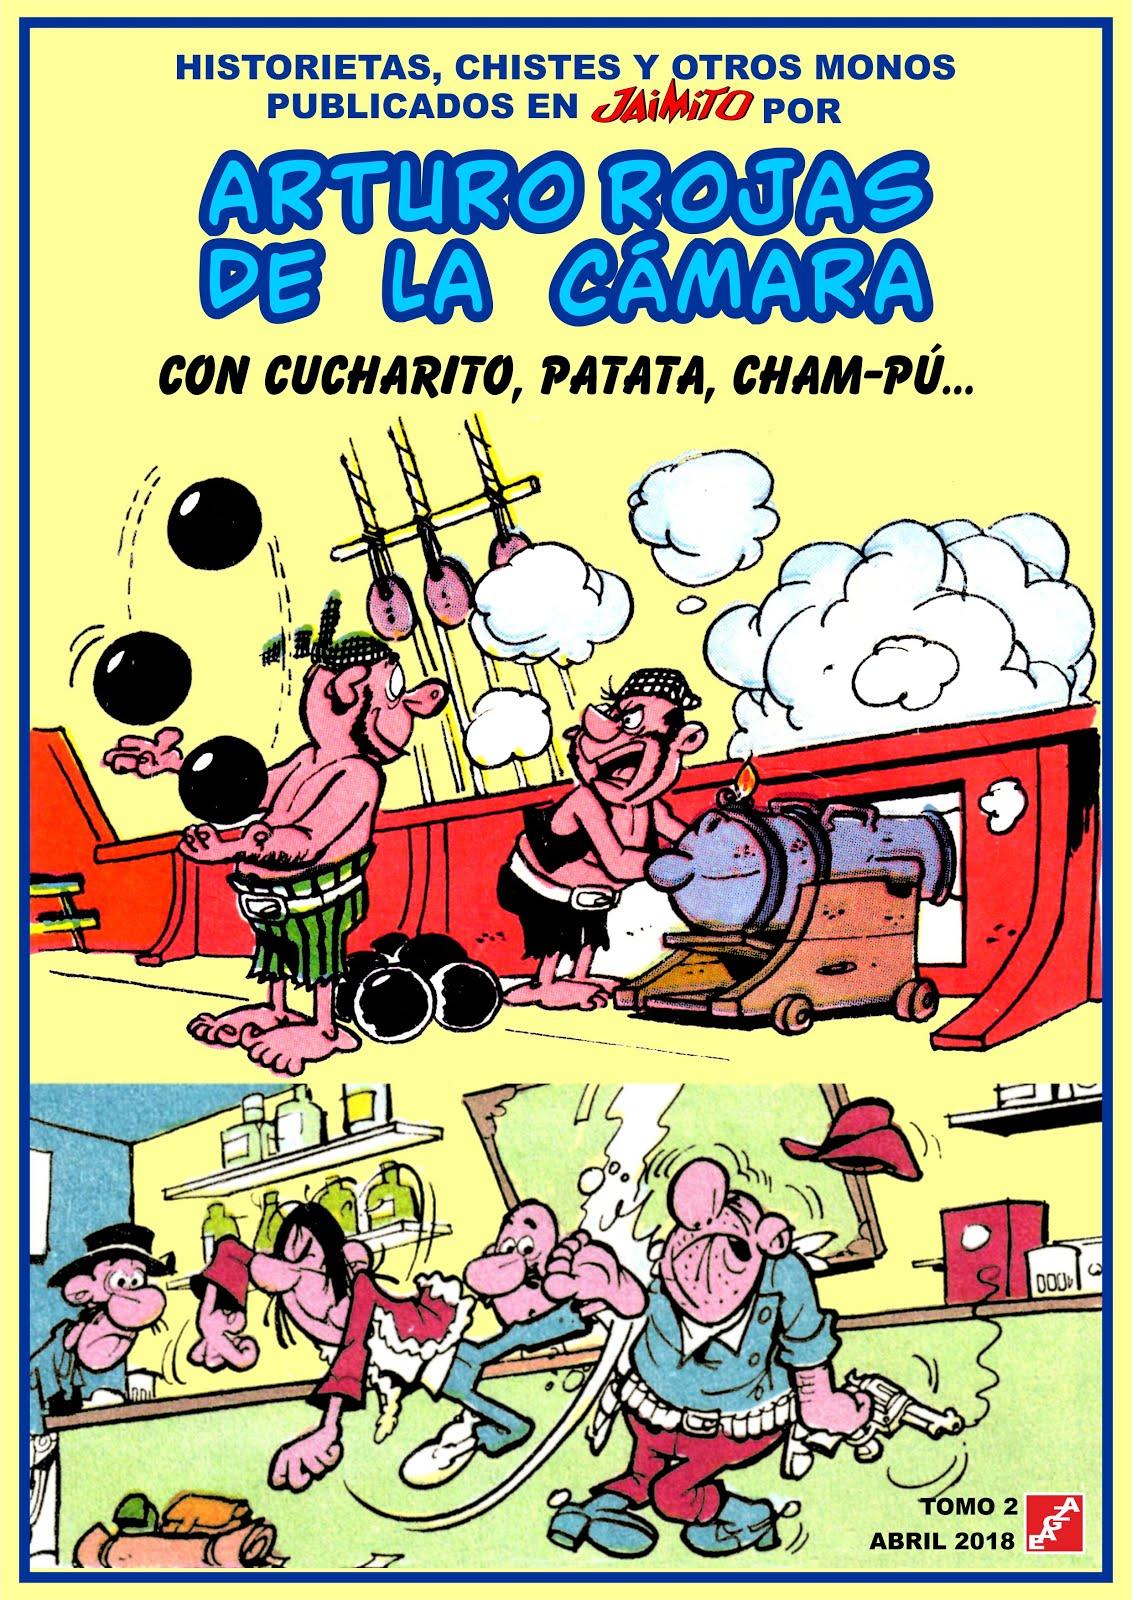 Arturo Rojas de la Cámara en Jaimito - Tomos 01 - 04 - EAGZA